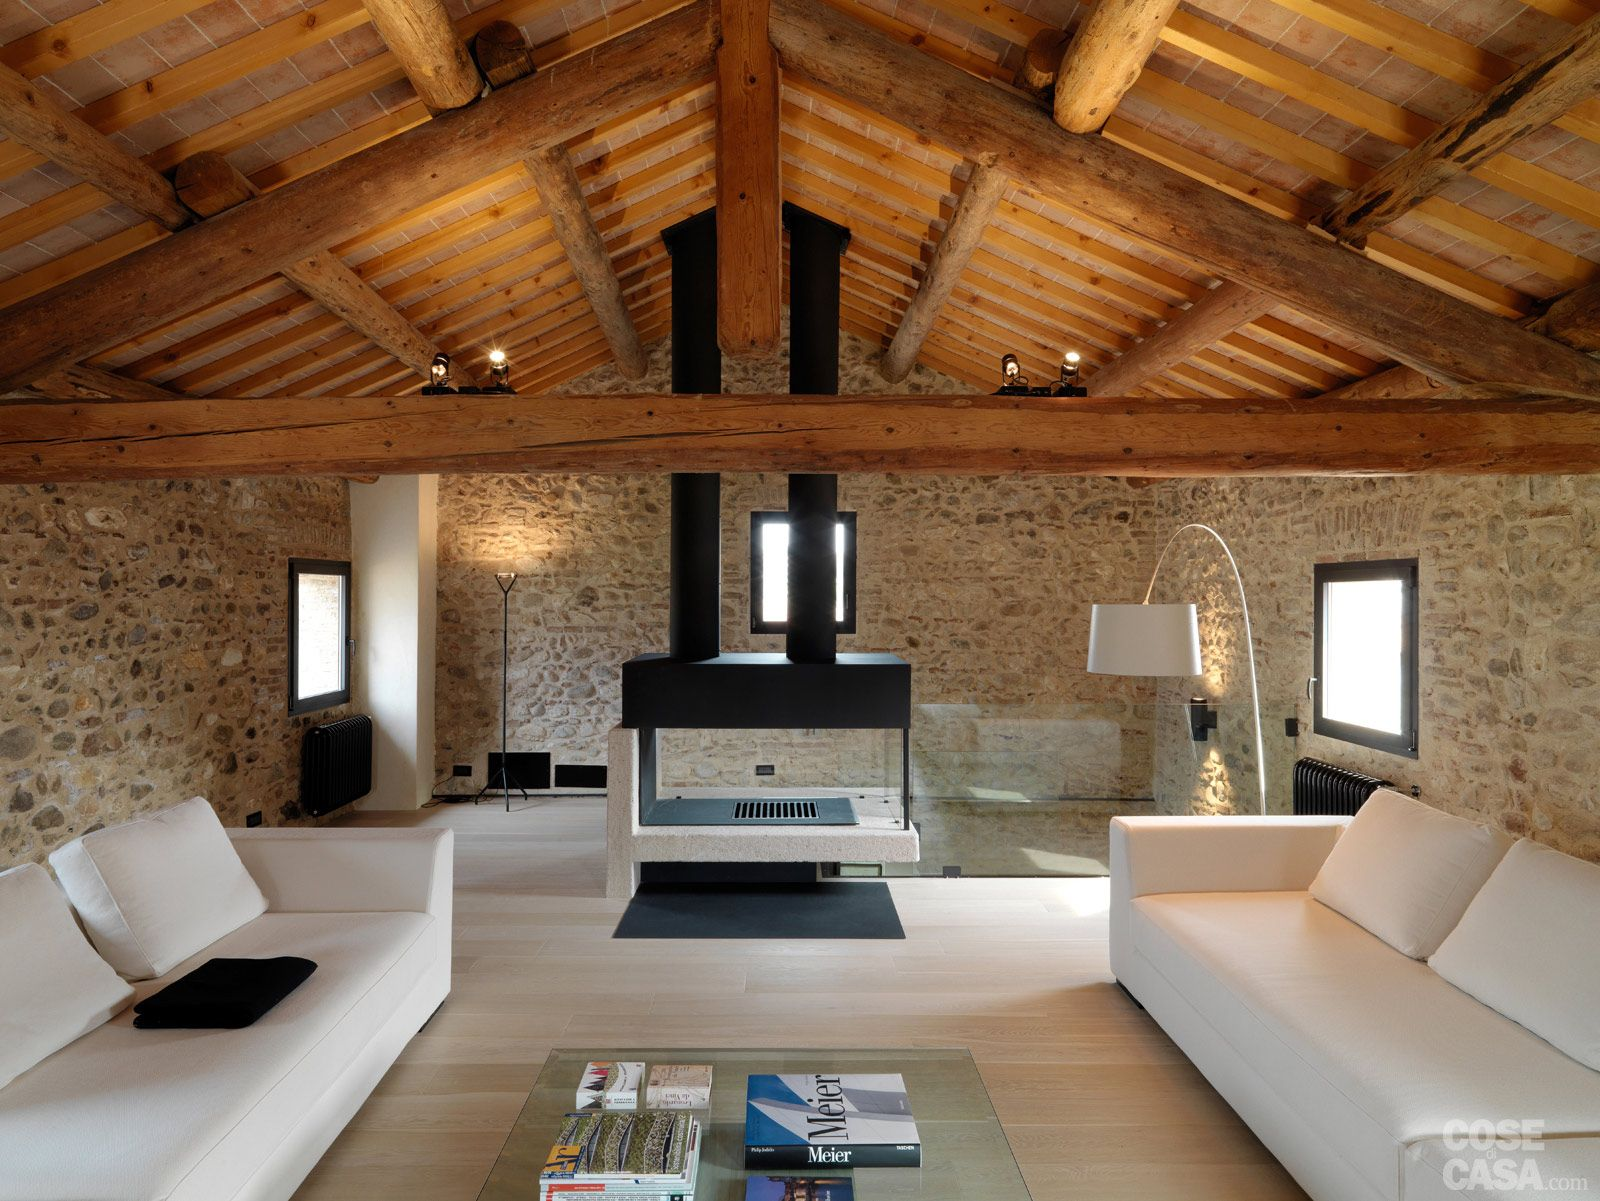 Legno e pietra a vista nella casa restaurata disegno for Interni case design